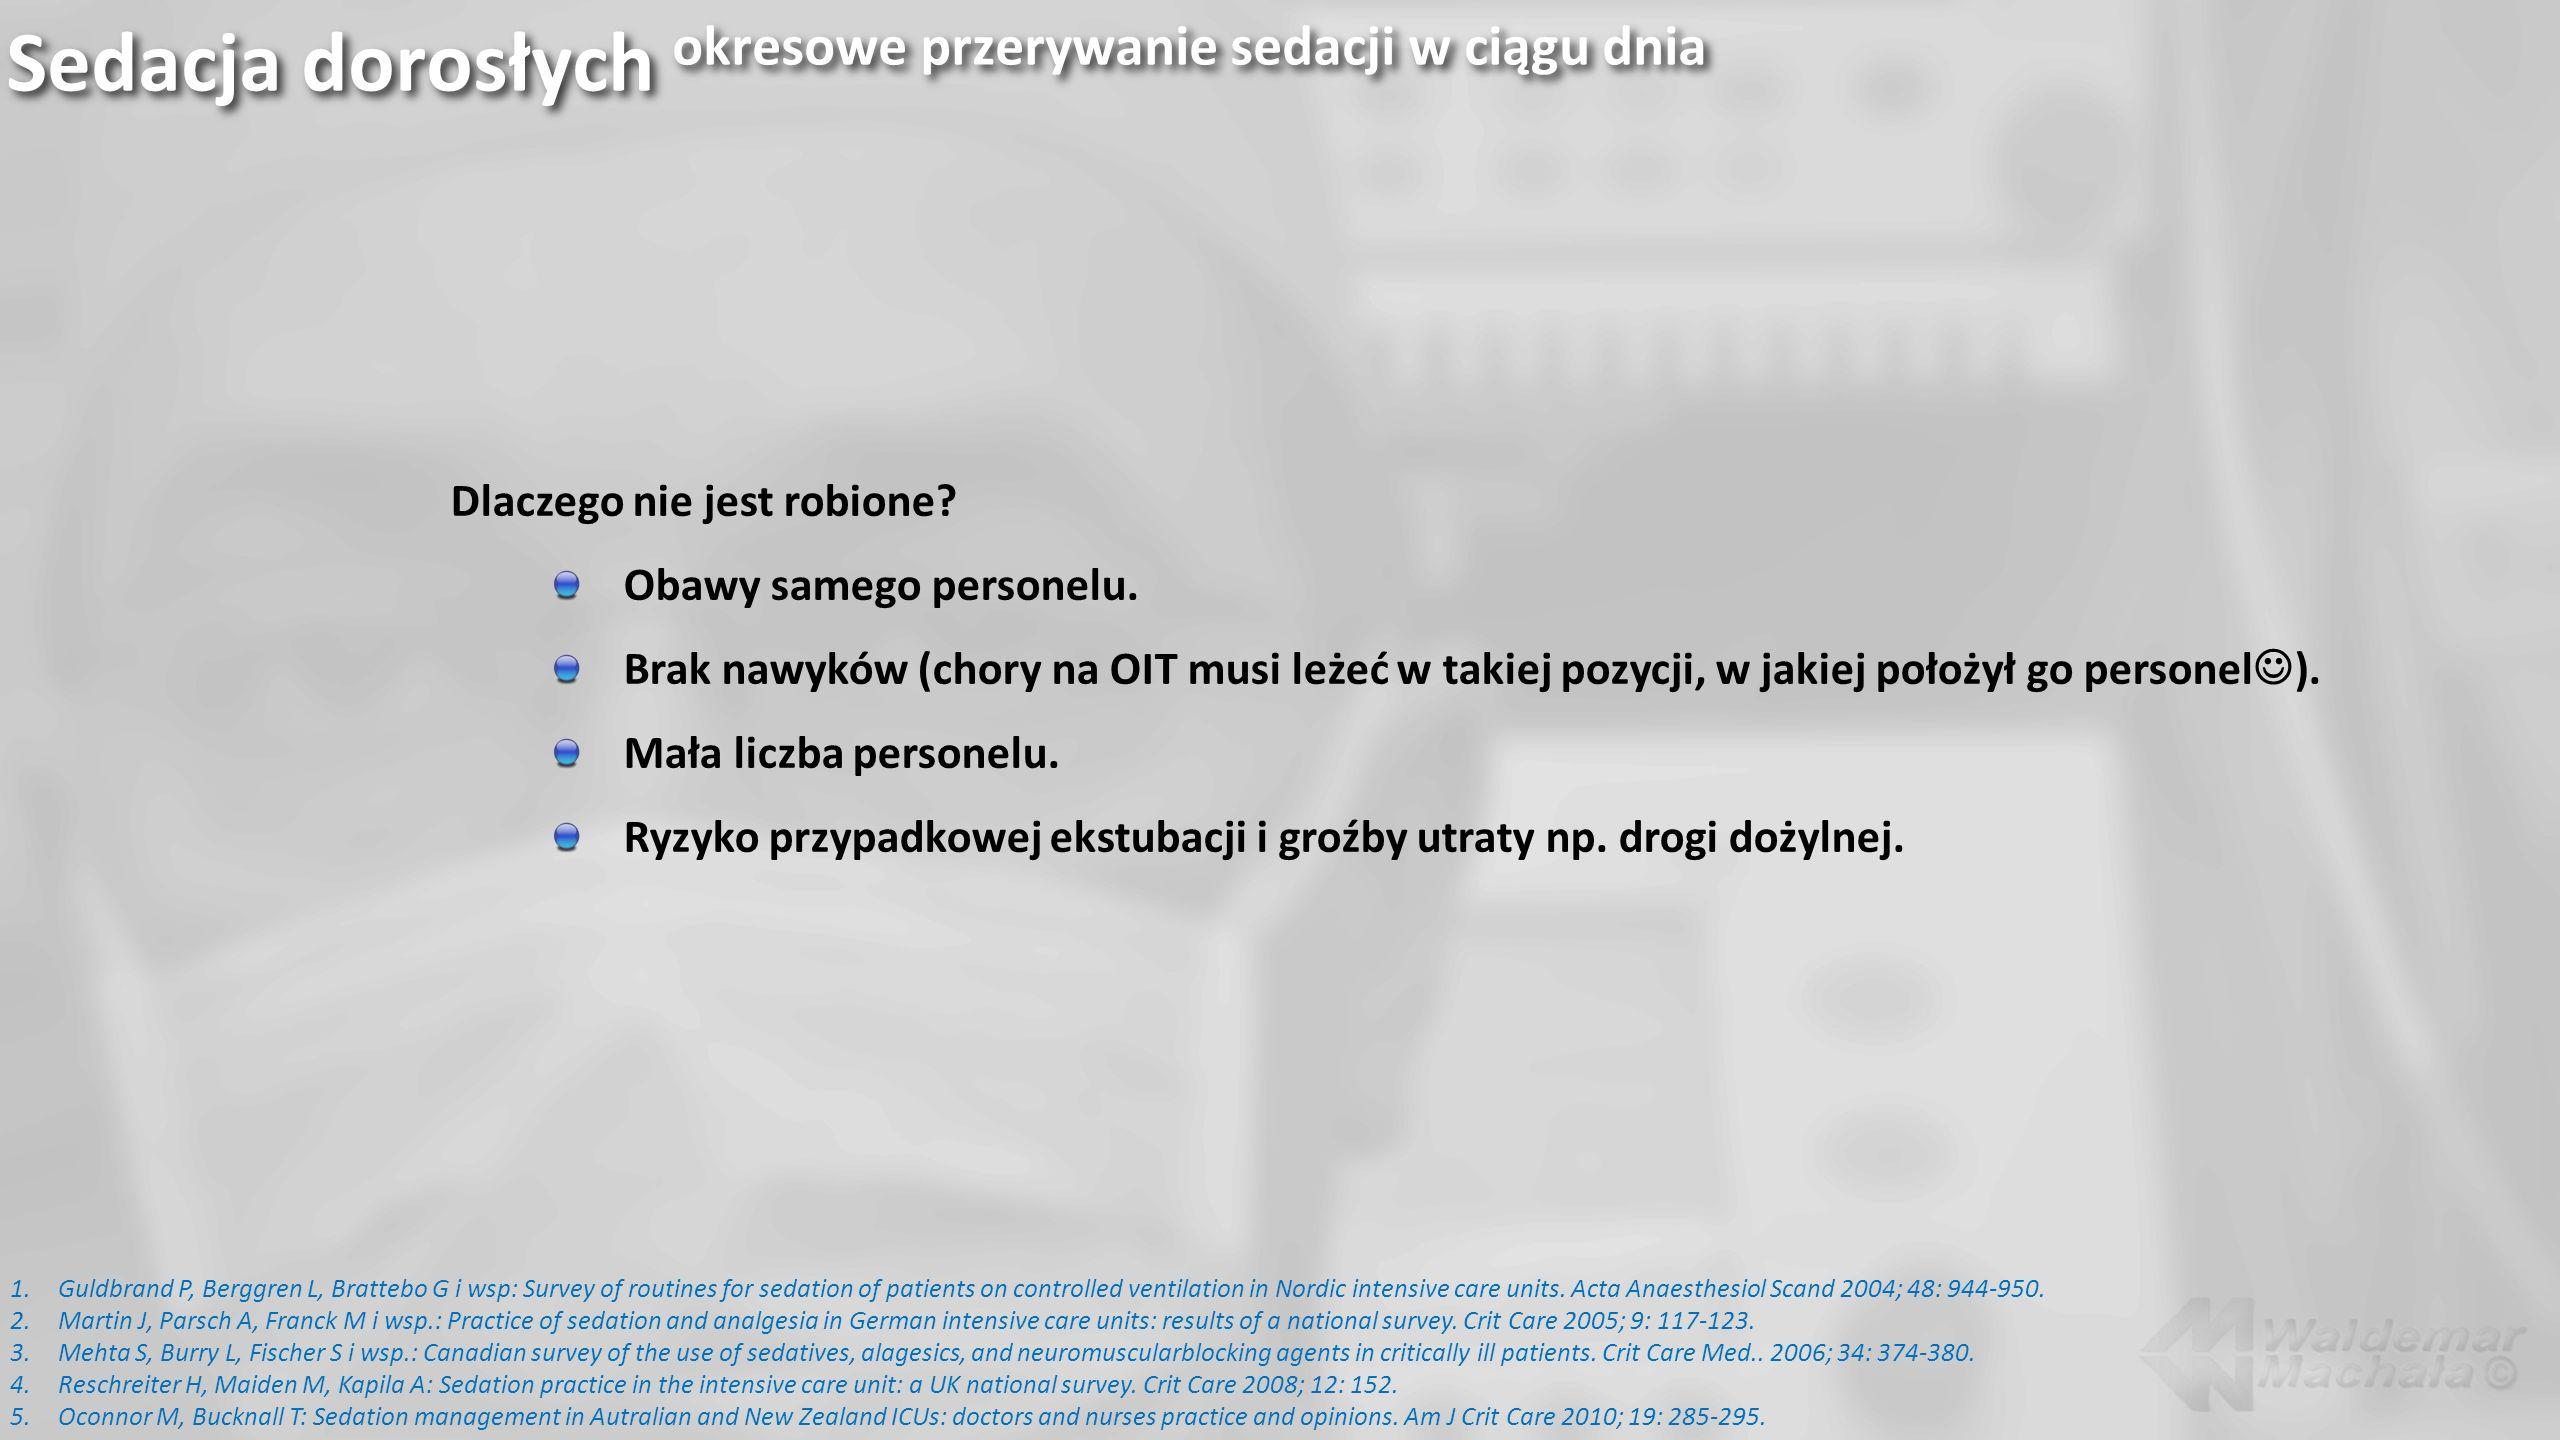 Sedacja dorosłych okresowe przerywanie sedacji w ciągu dnia 1.Guldbrand P, Berggren L, Brattebo G i wsp: Survey of routines for sedation of patients o